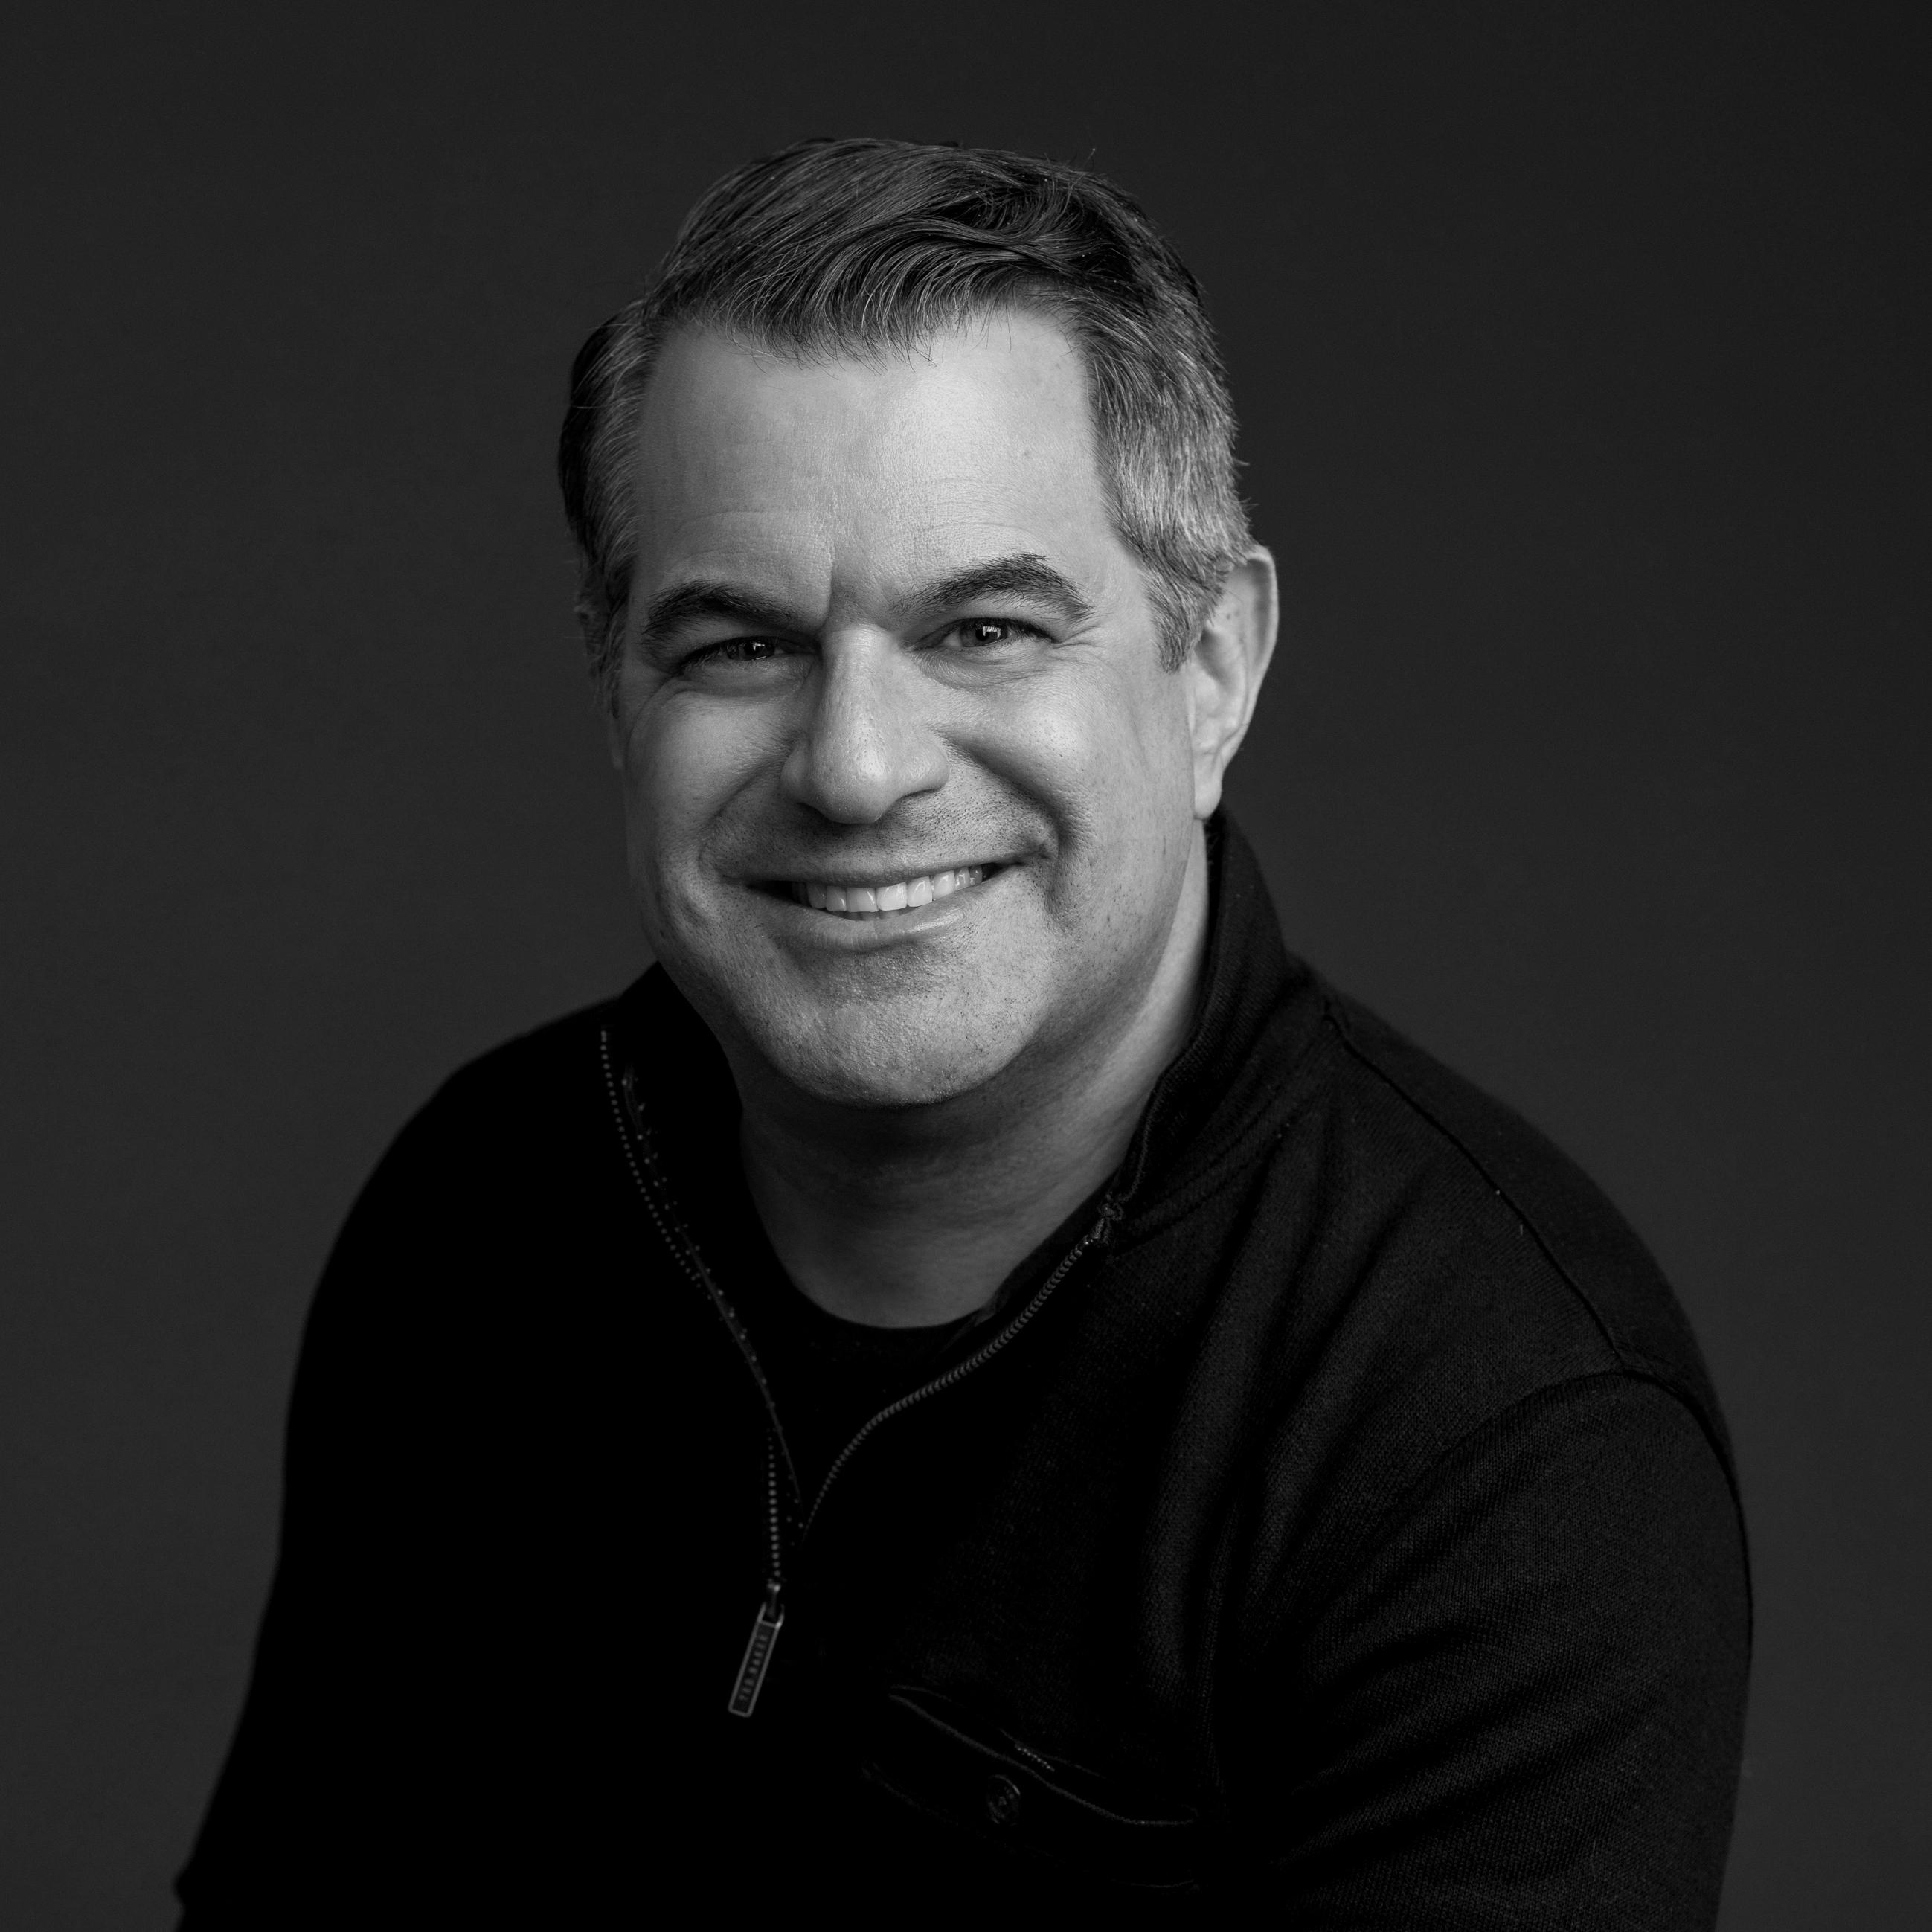 Jordan Goldstein